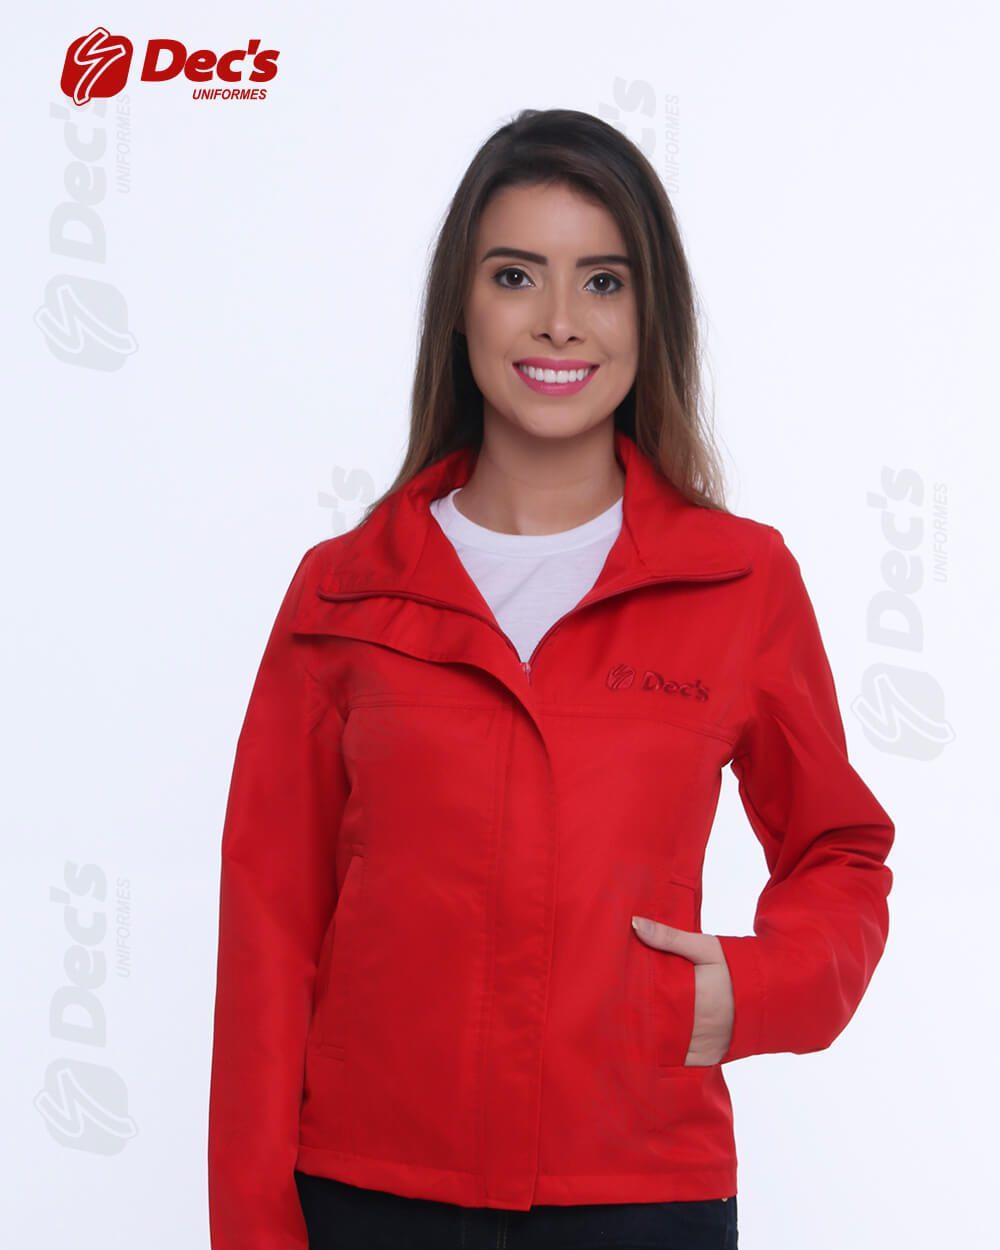 3c0ccd8402 Jaqueta Clássica Feminina – REF. 4102 – Dec s